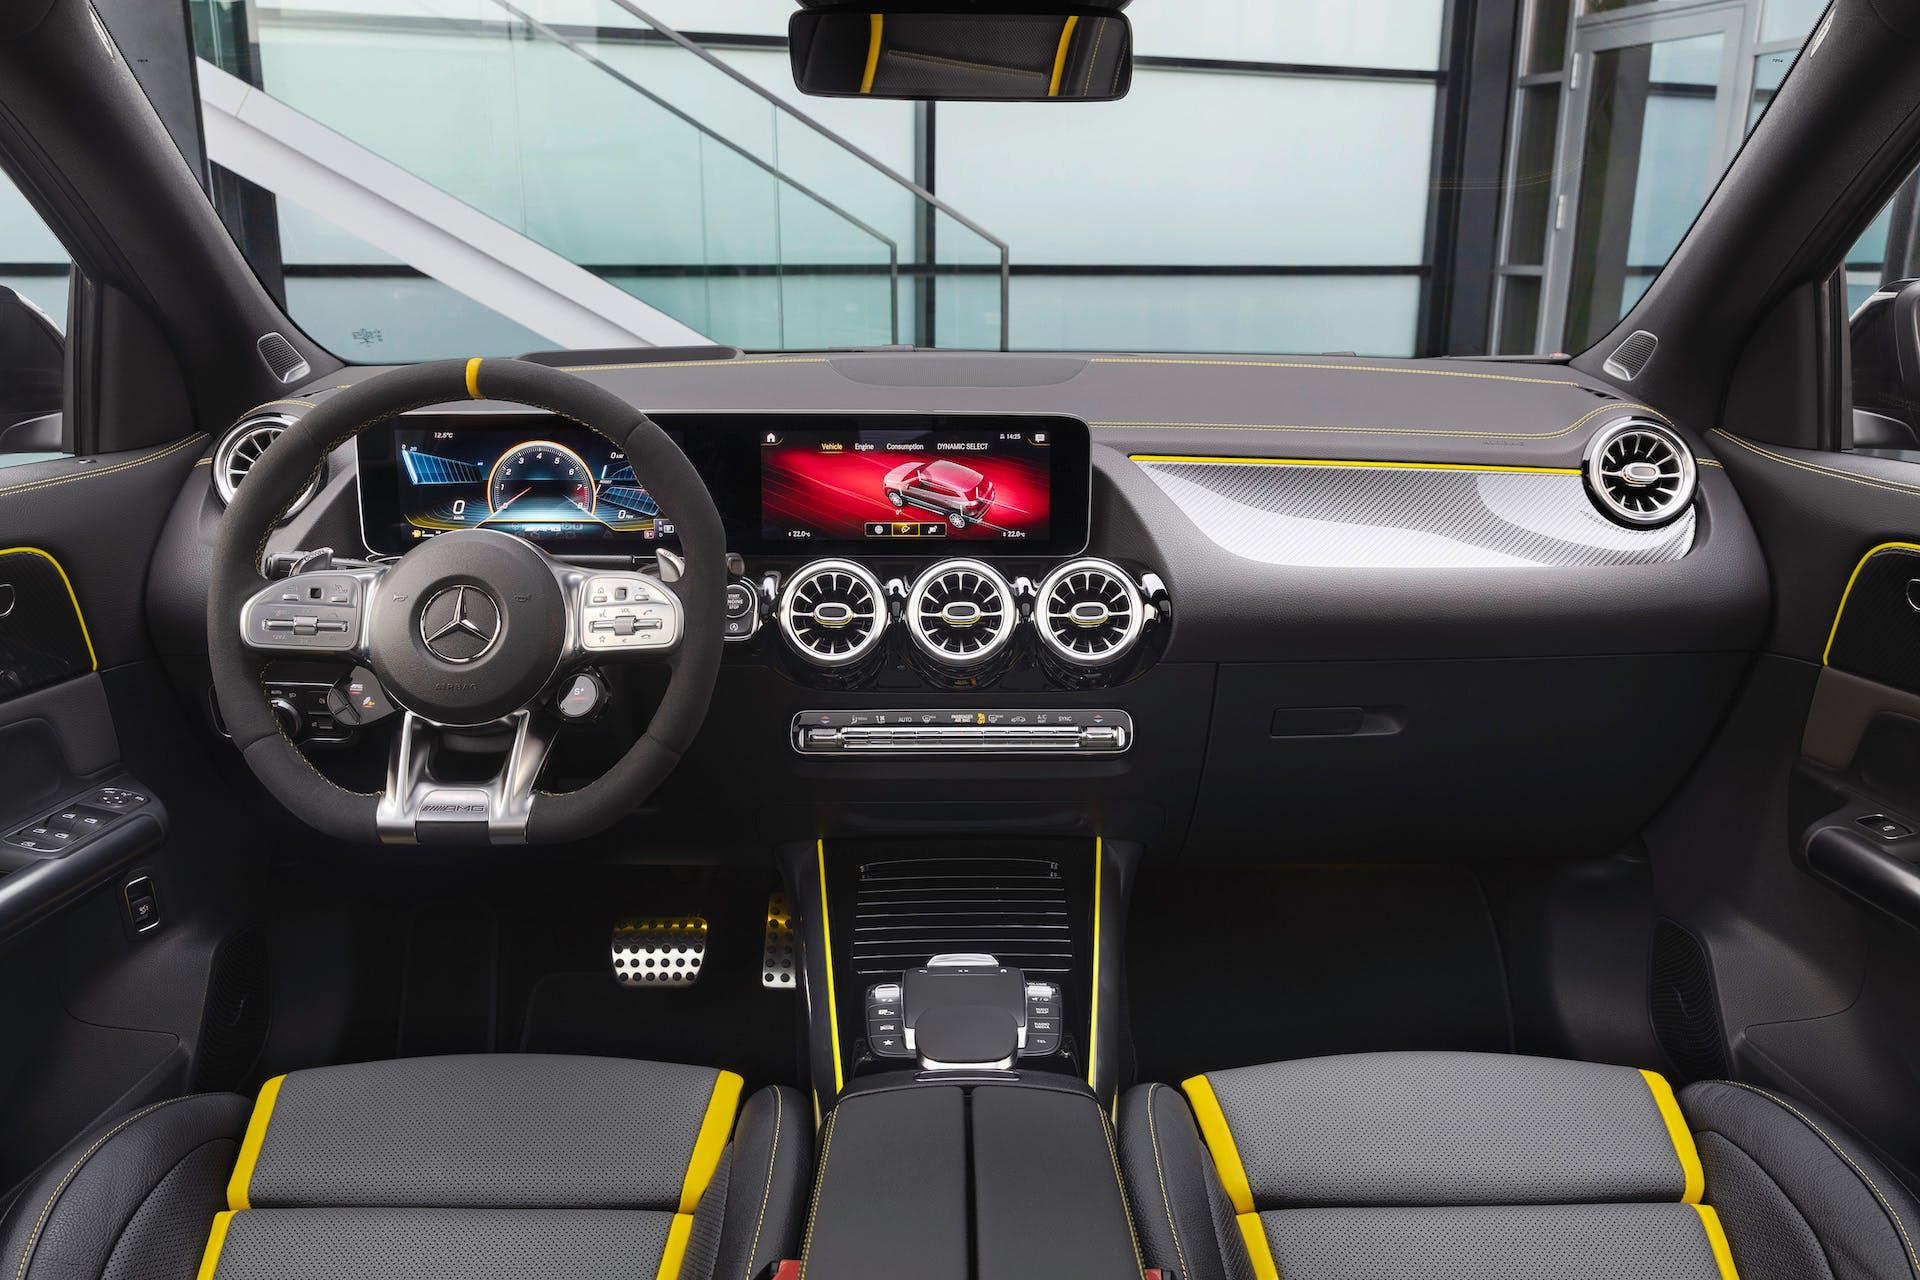 Mercedes-AMG GLA45 S interni